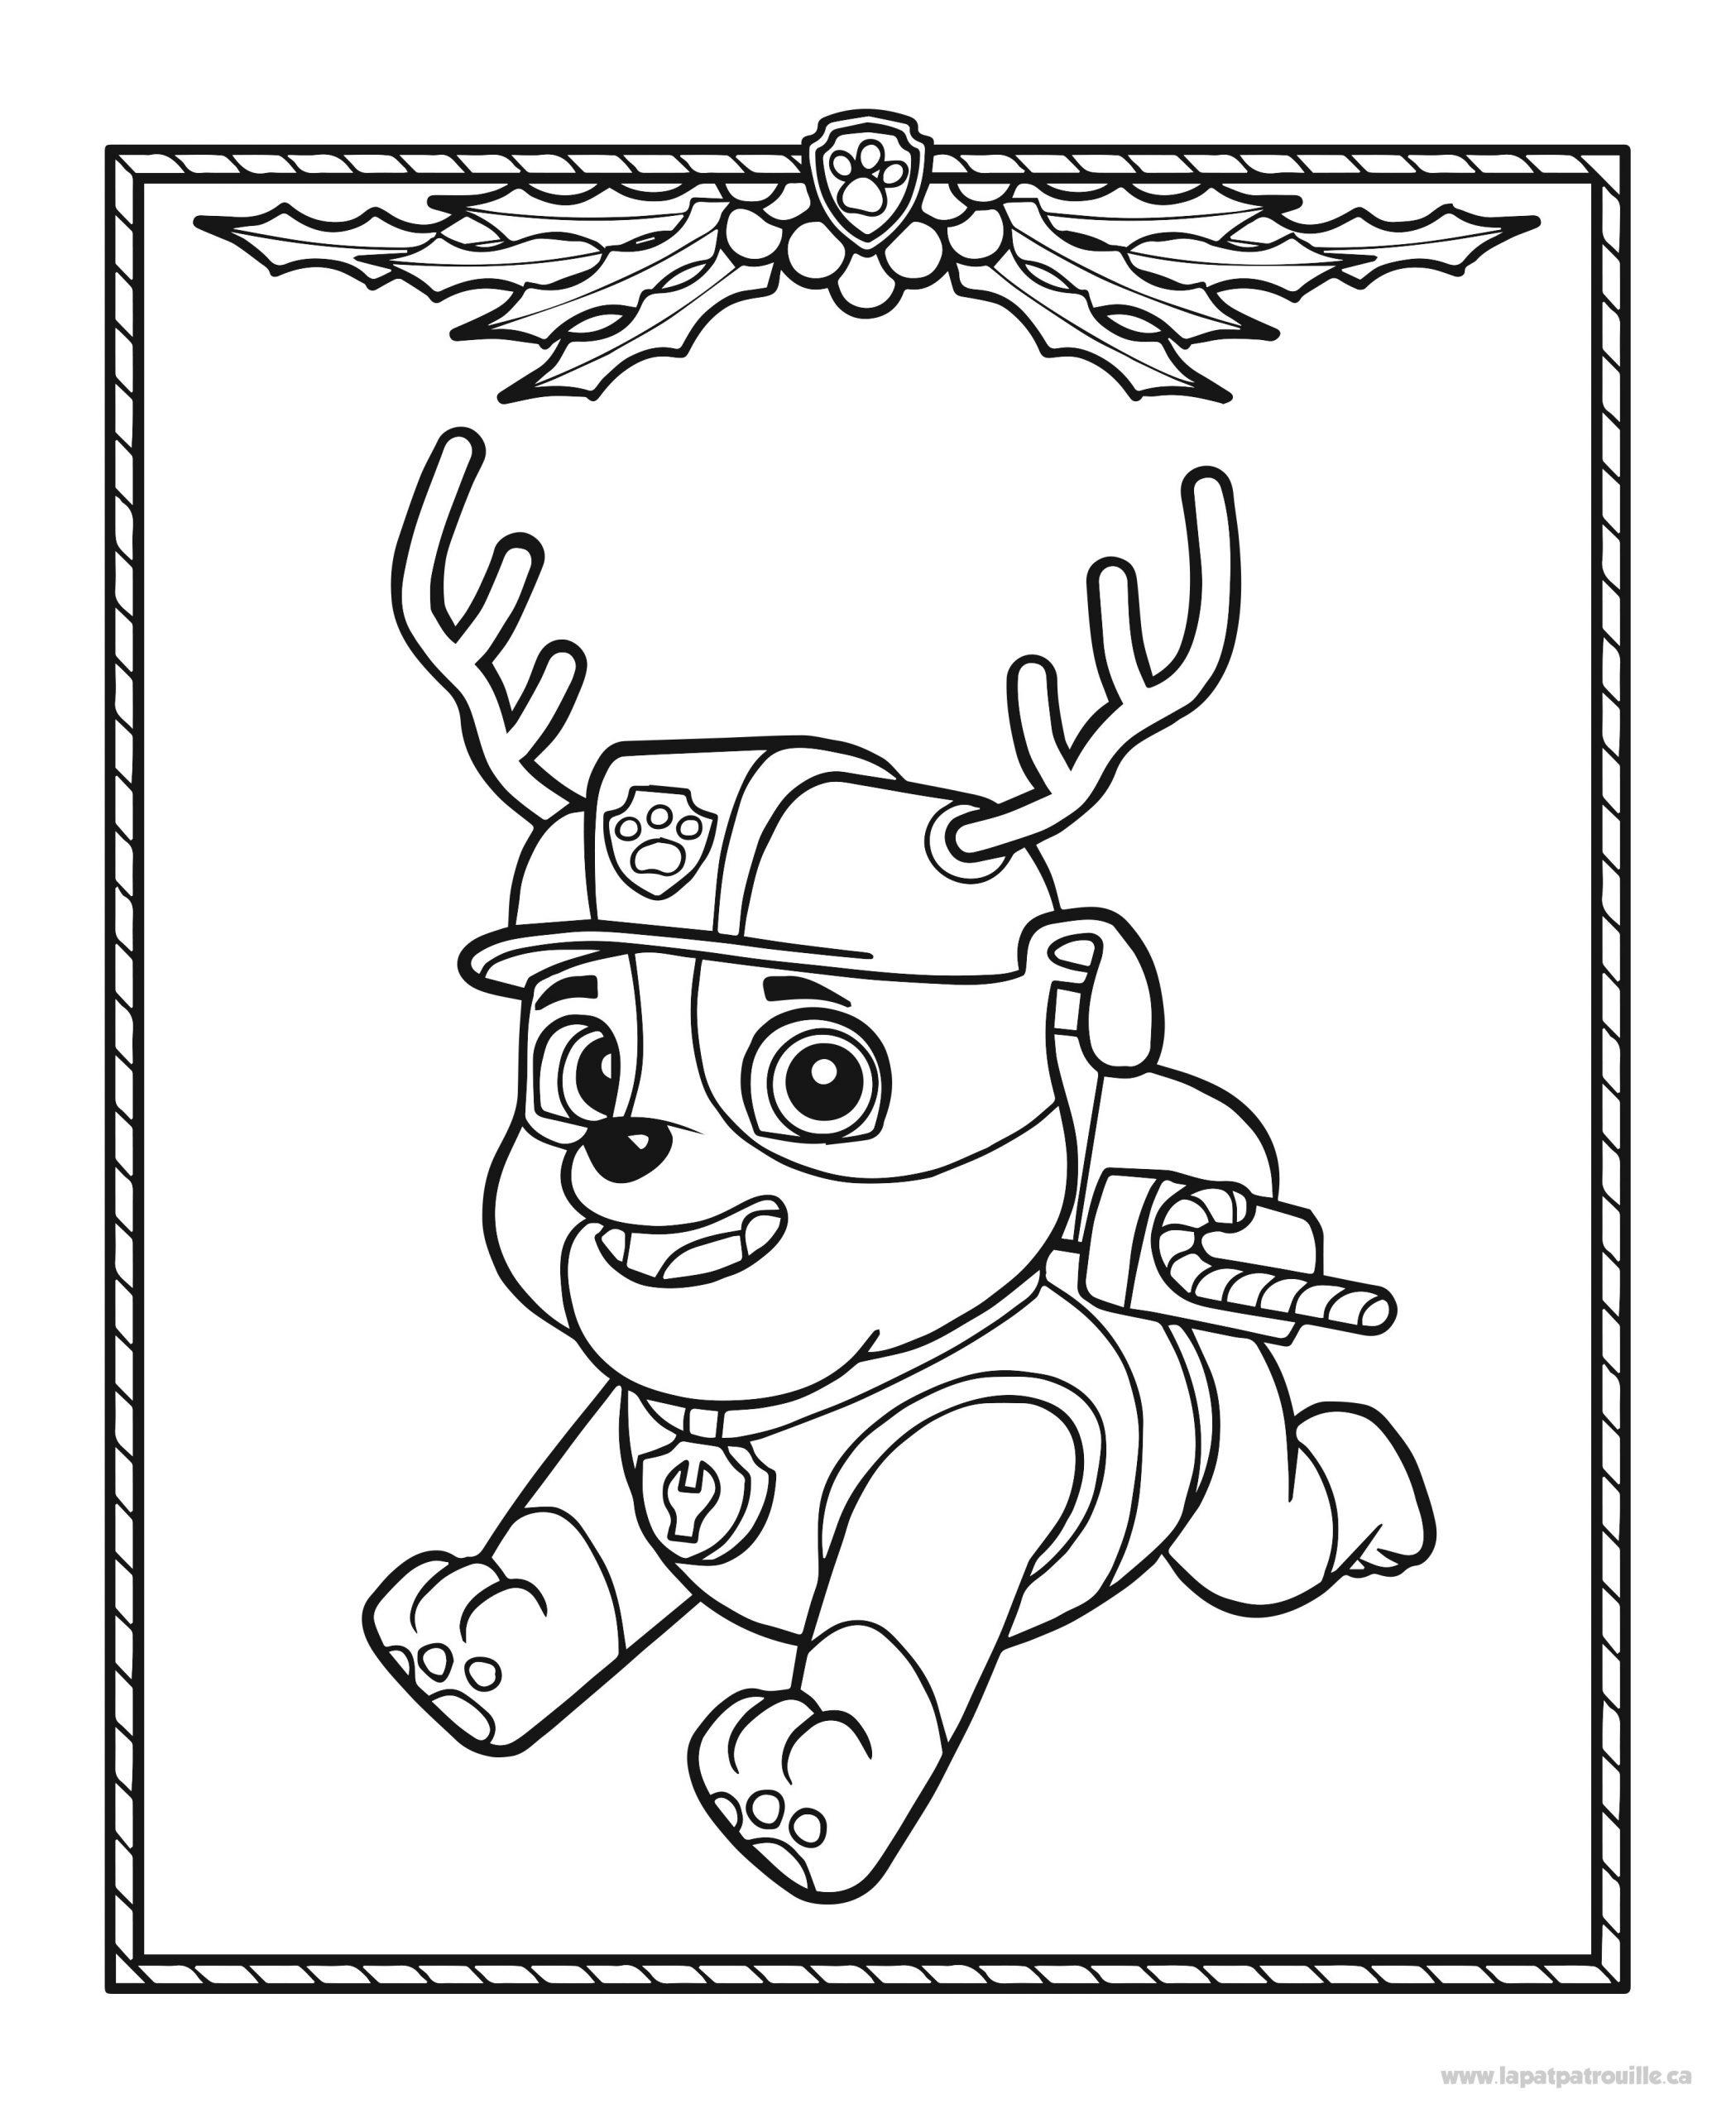 Coloriage De Ruben Qui Se Transforme En Renne Du Père Noël tout Dessins Pere Noel Imprimer